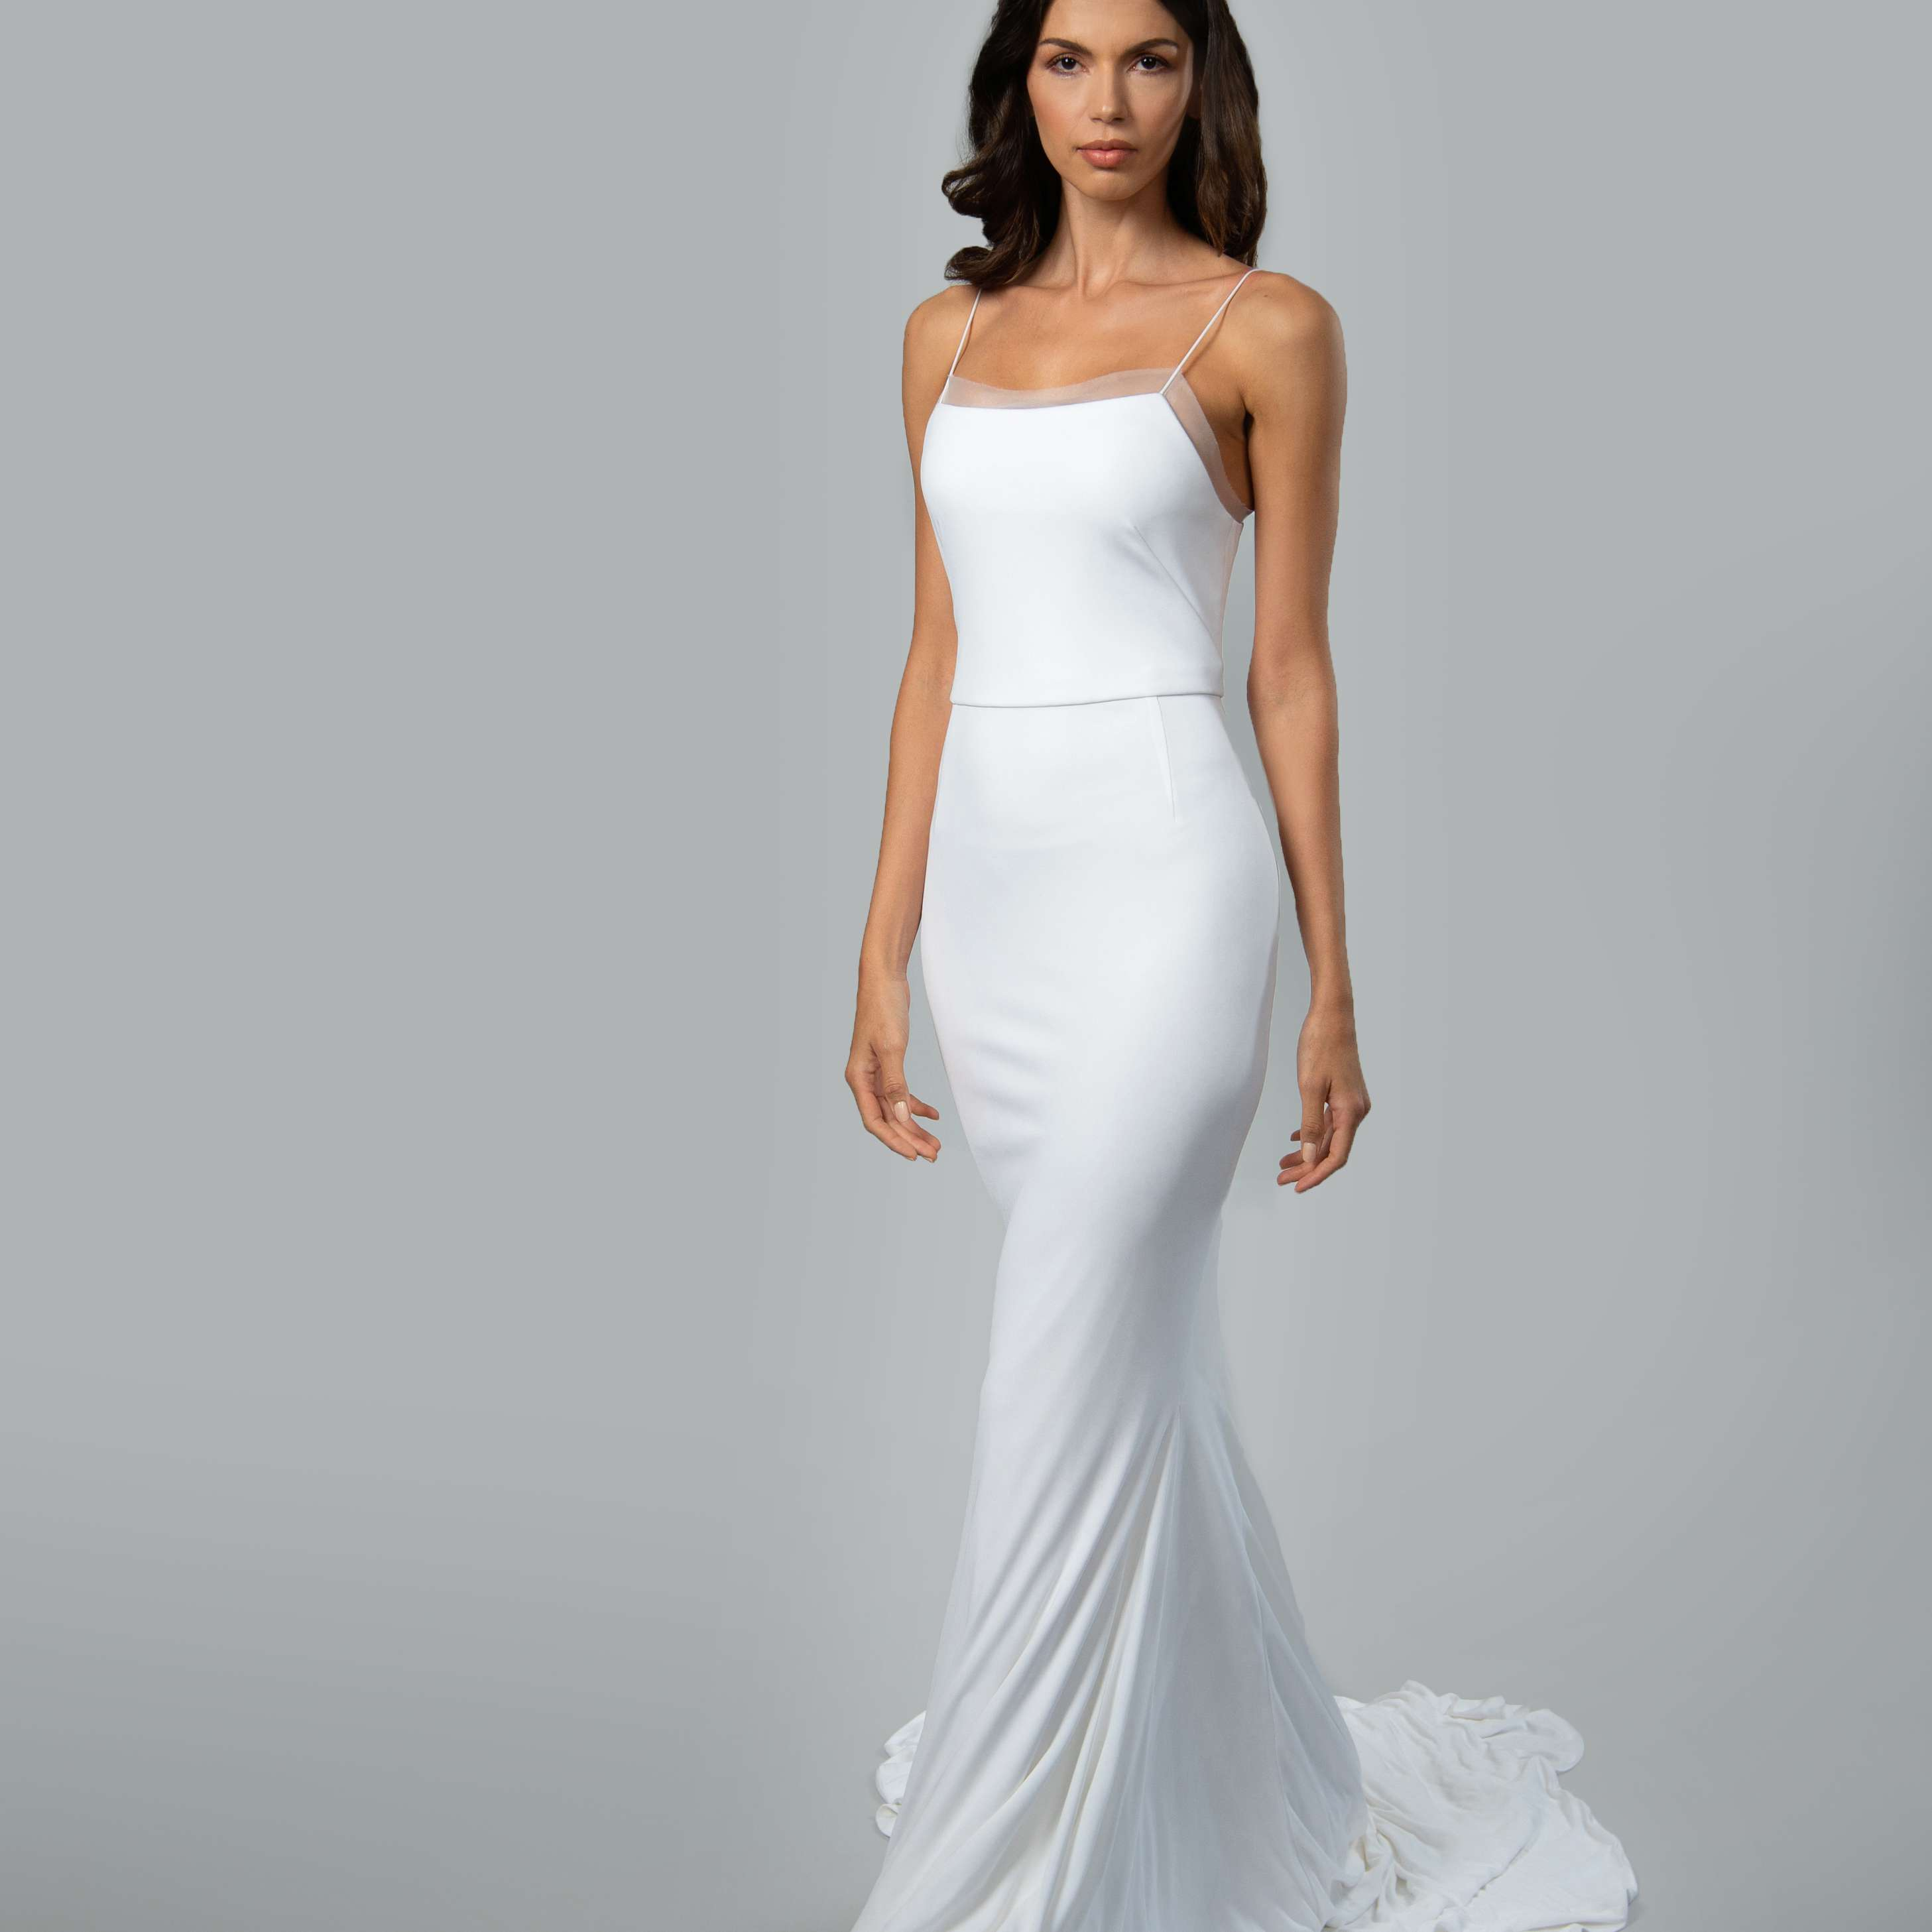 Model in spaghetti strap slip wedding dress